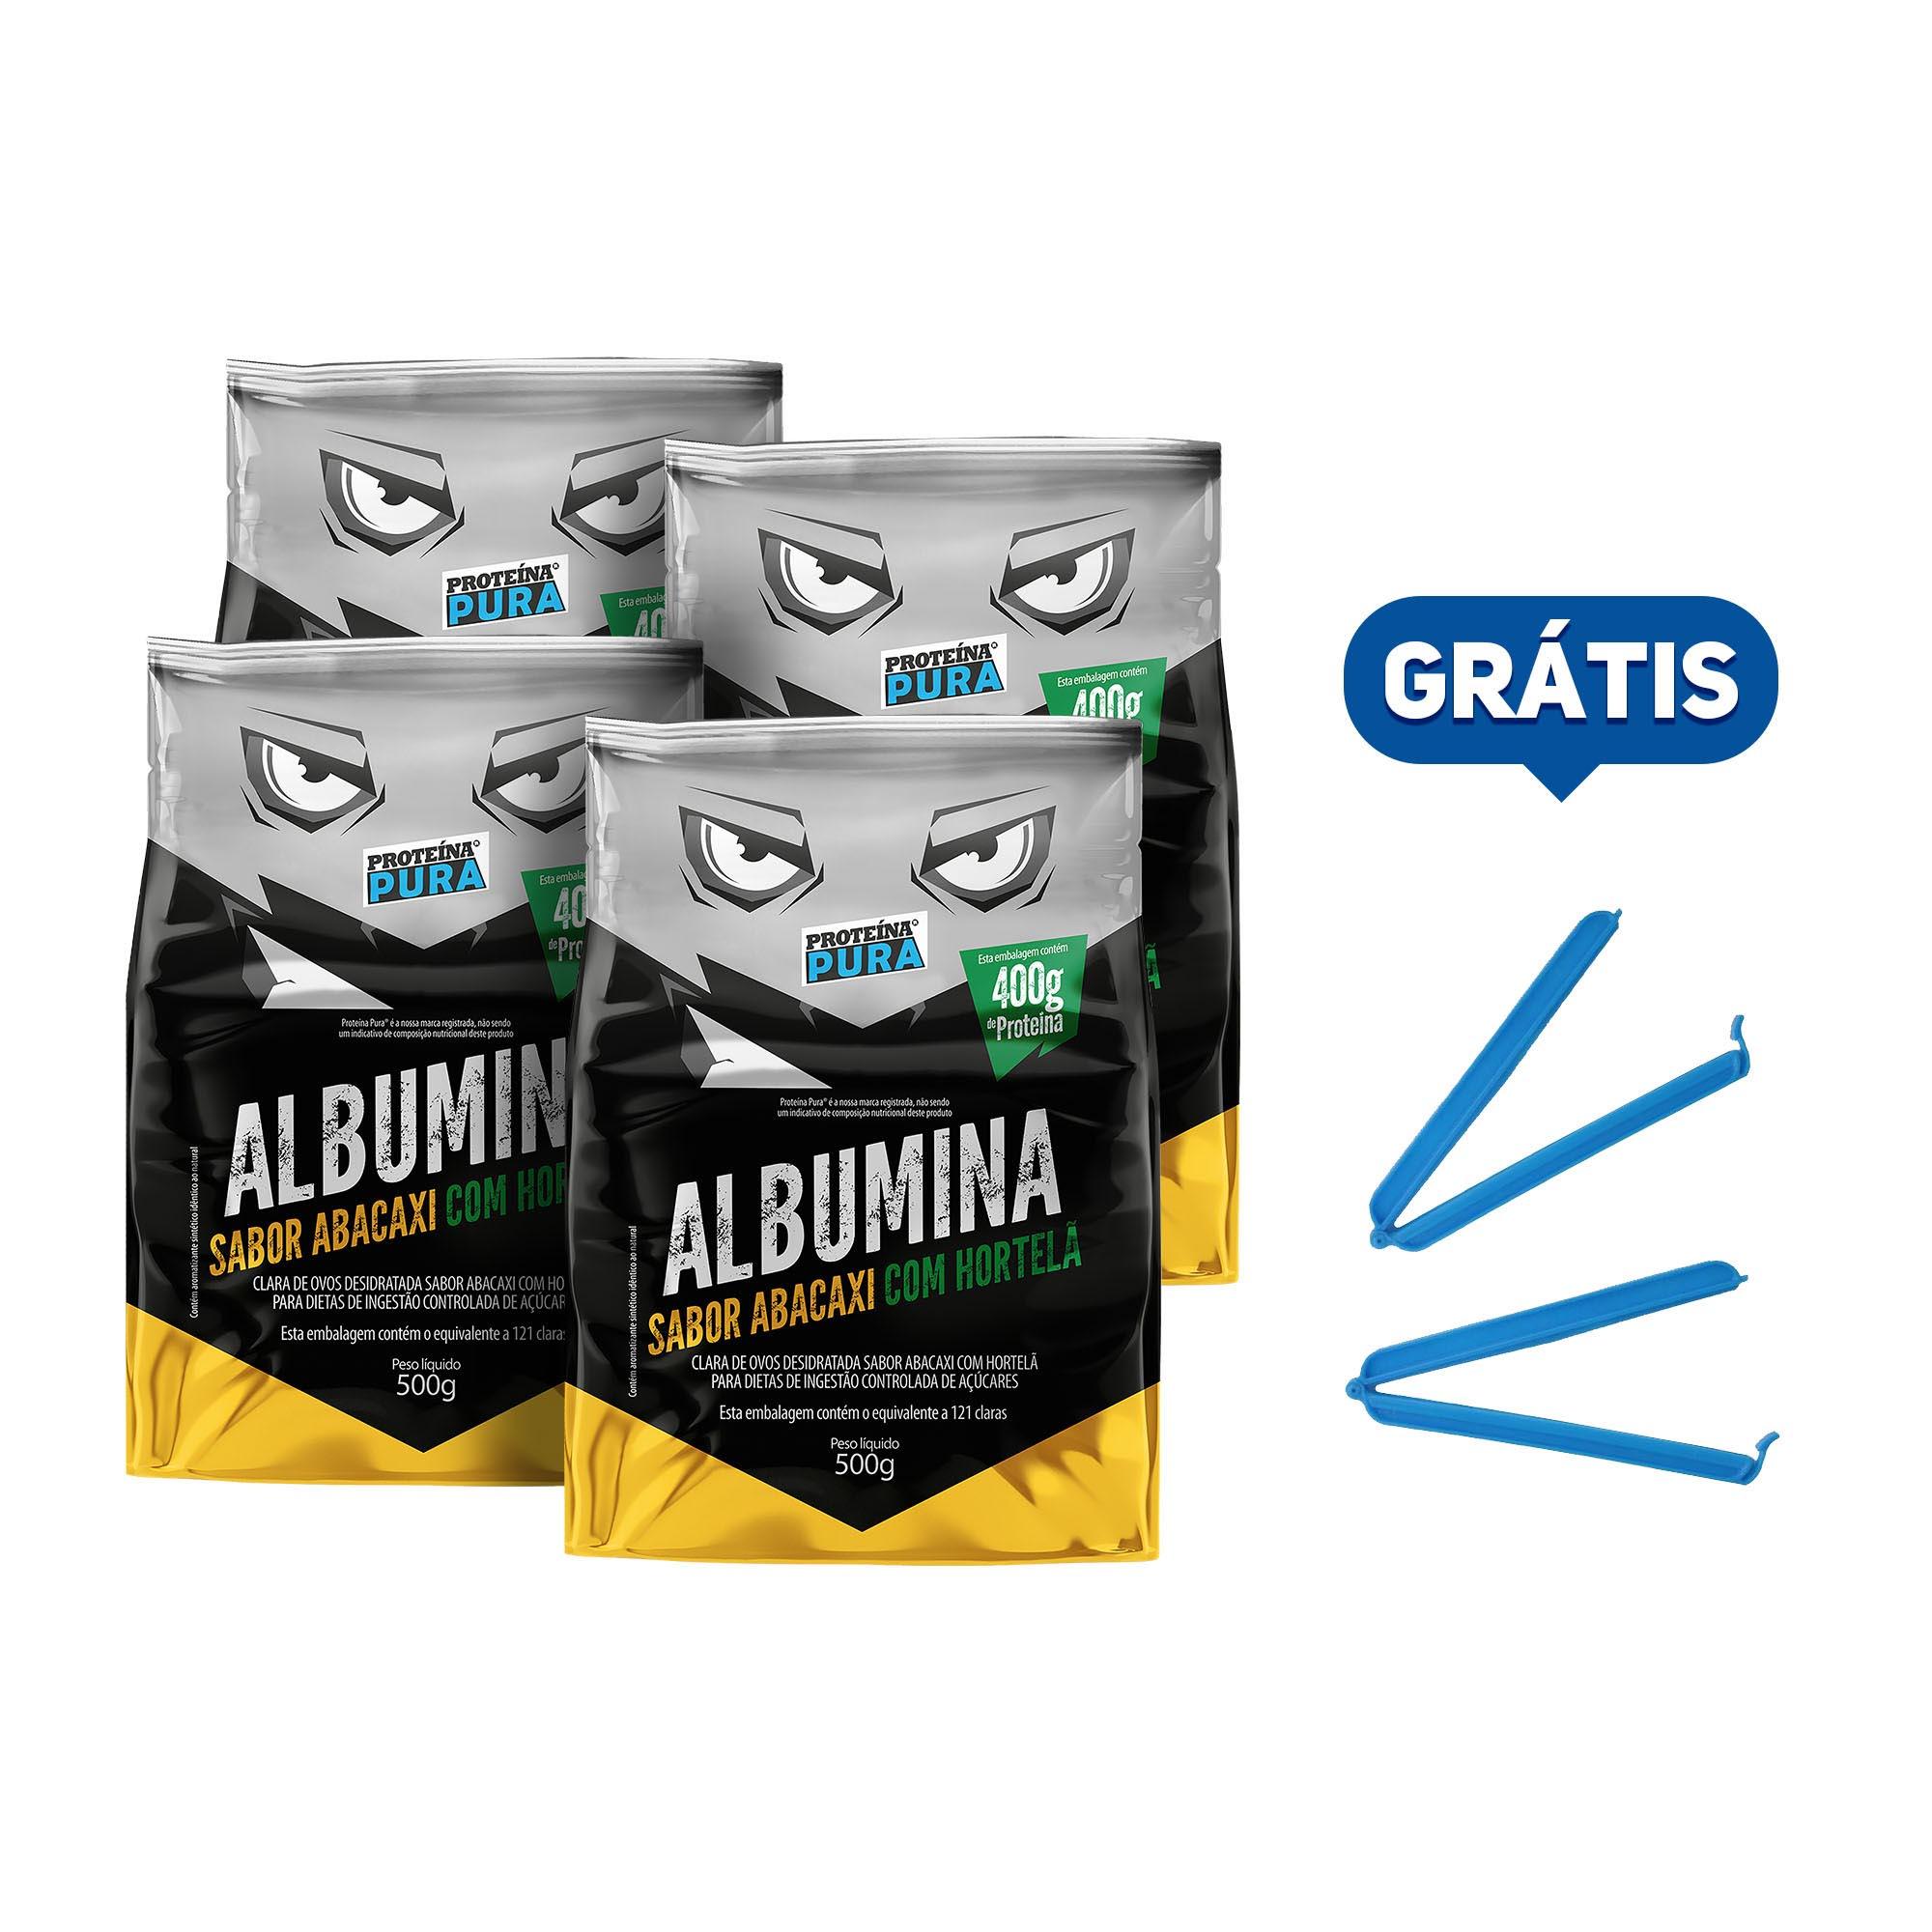 Kit Albumina Abacaxi com Hortelã - (4 un x 500g) - Proteína Pura